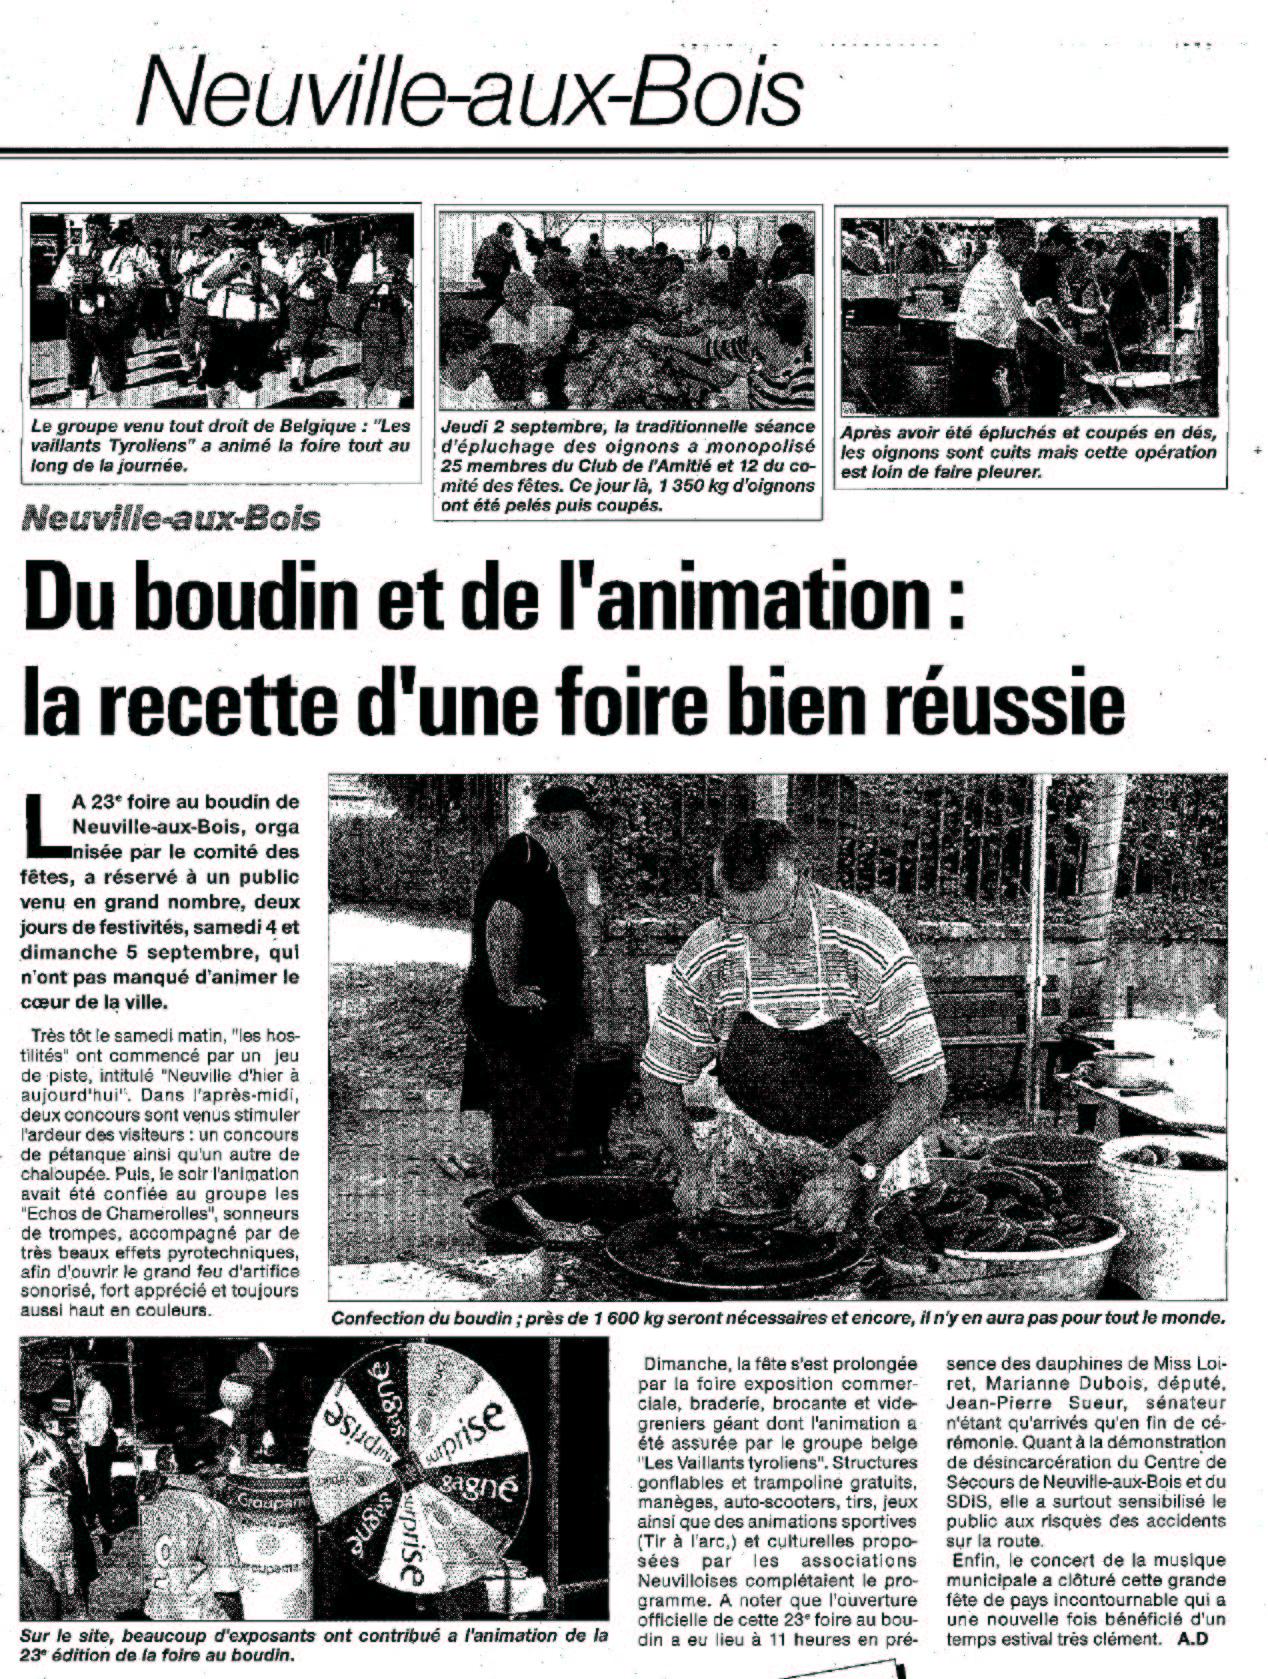 100909_CourrierLoiret_NeuvilleAuxBois